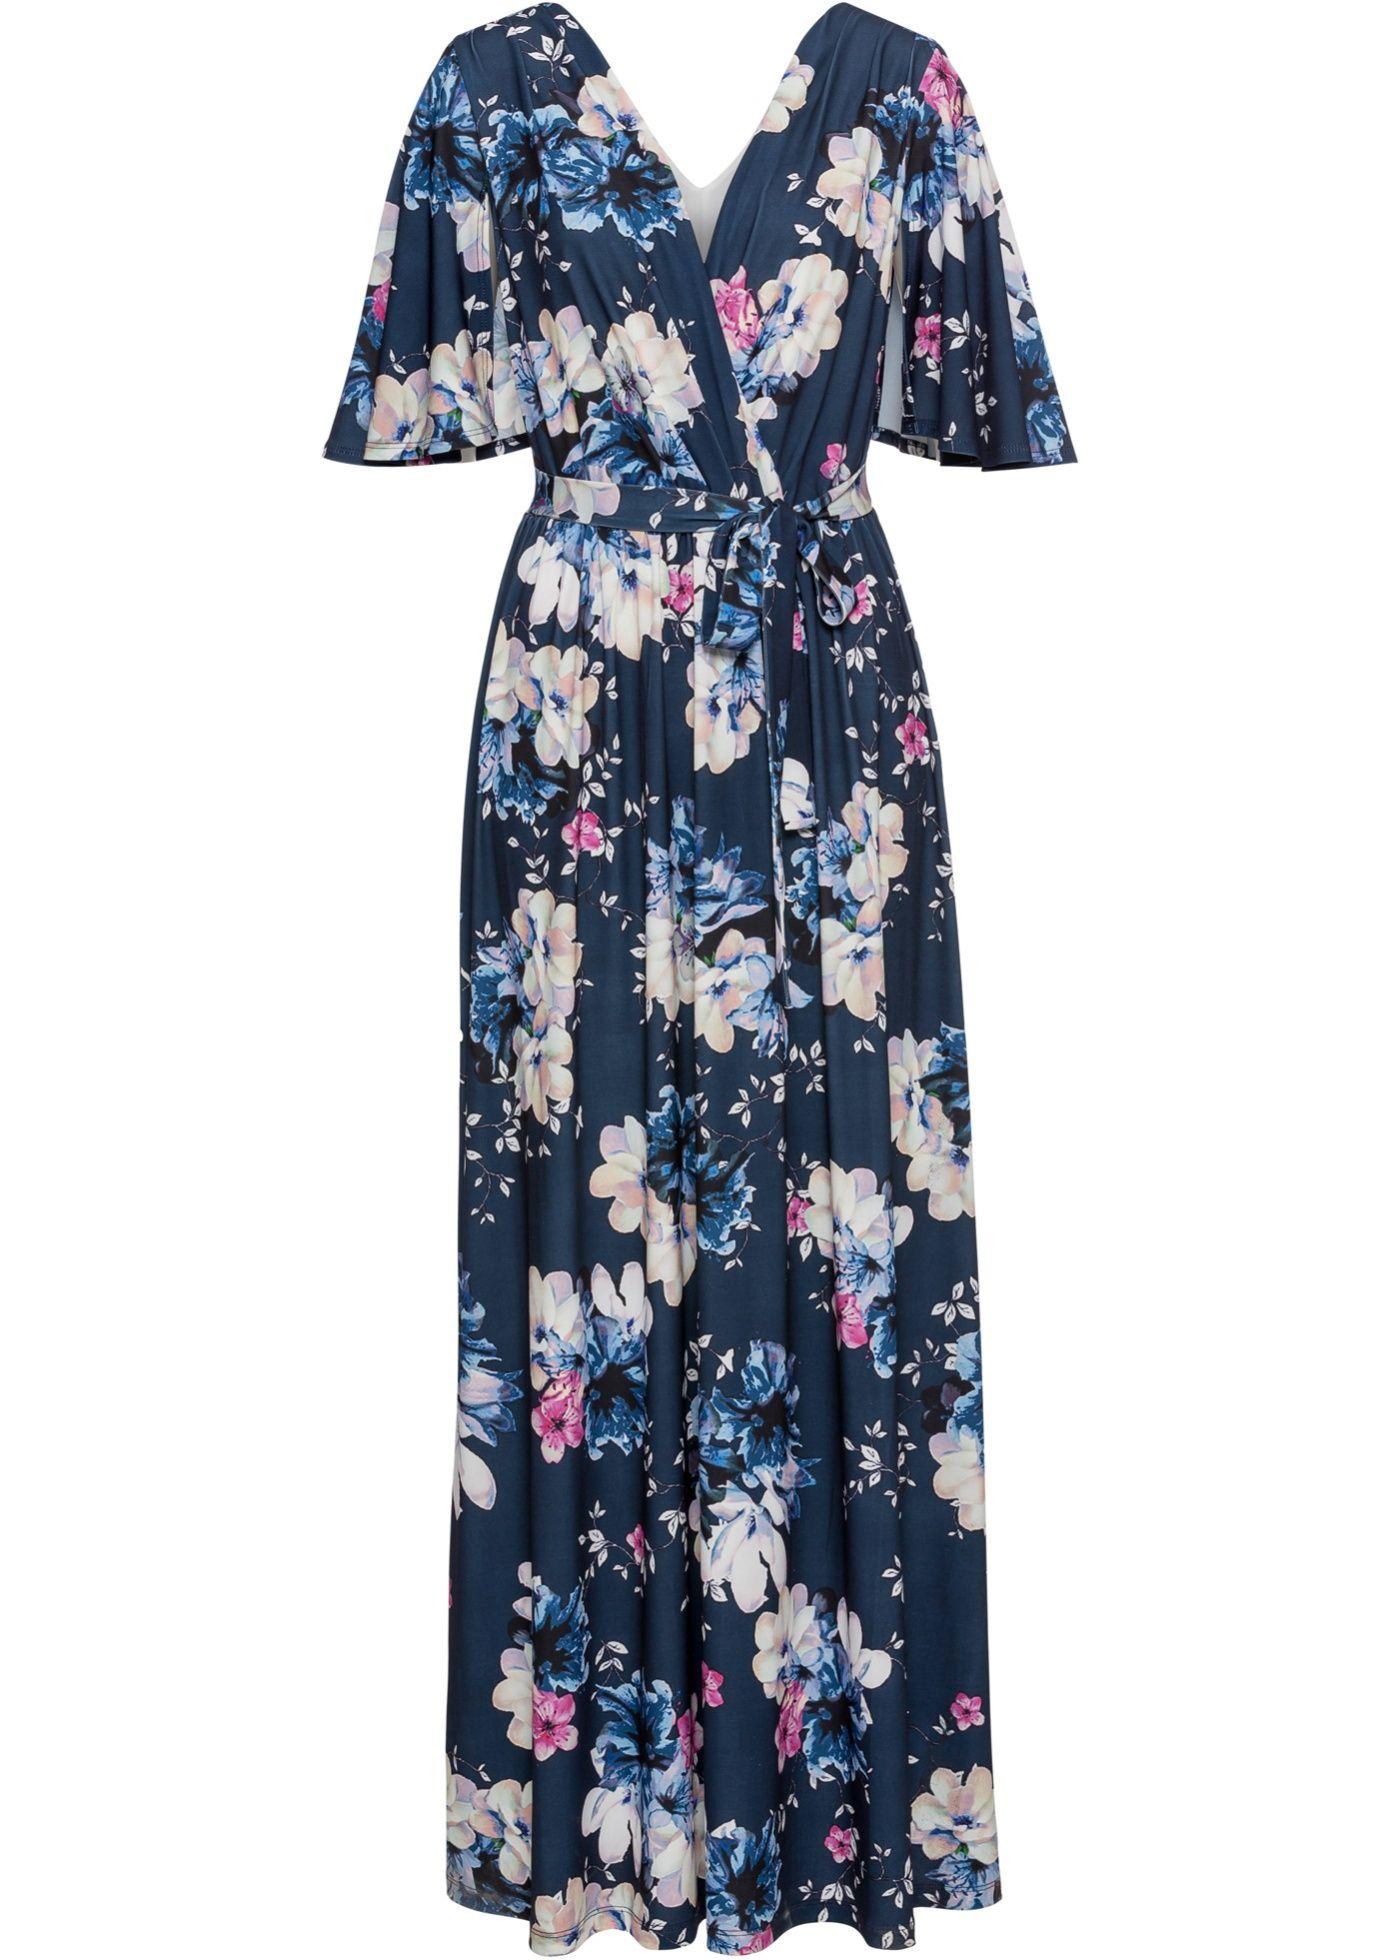 Langes Jerseykleid in 2020 | Lange kleider, Kleider und Outfit